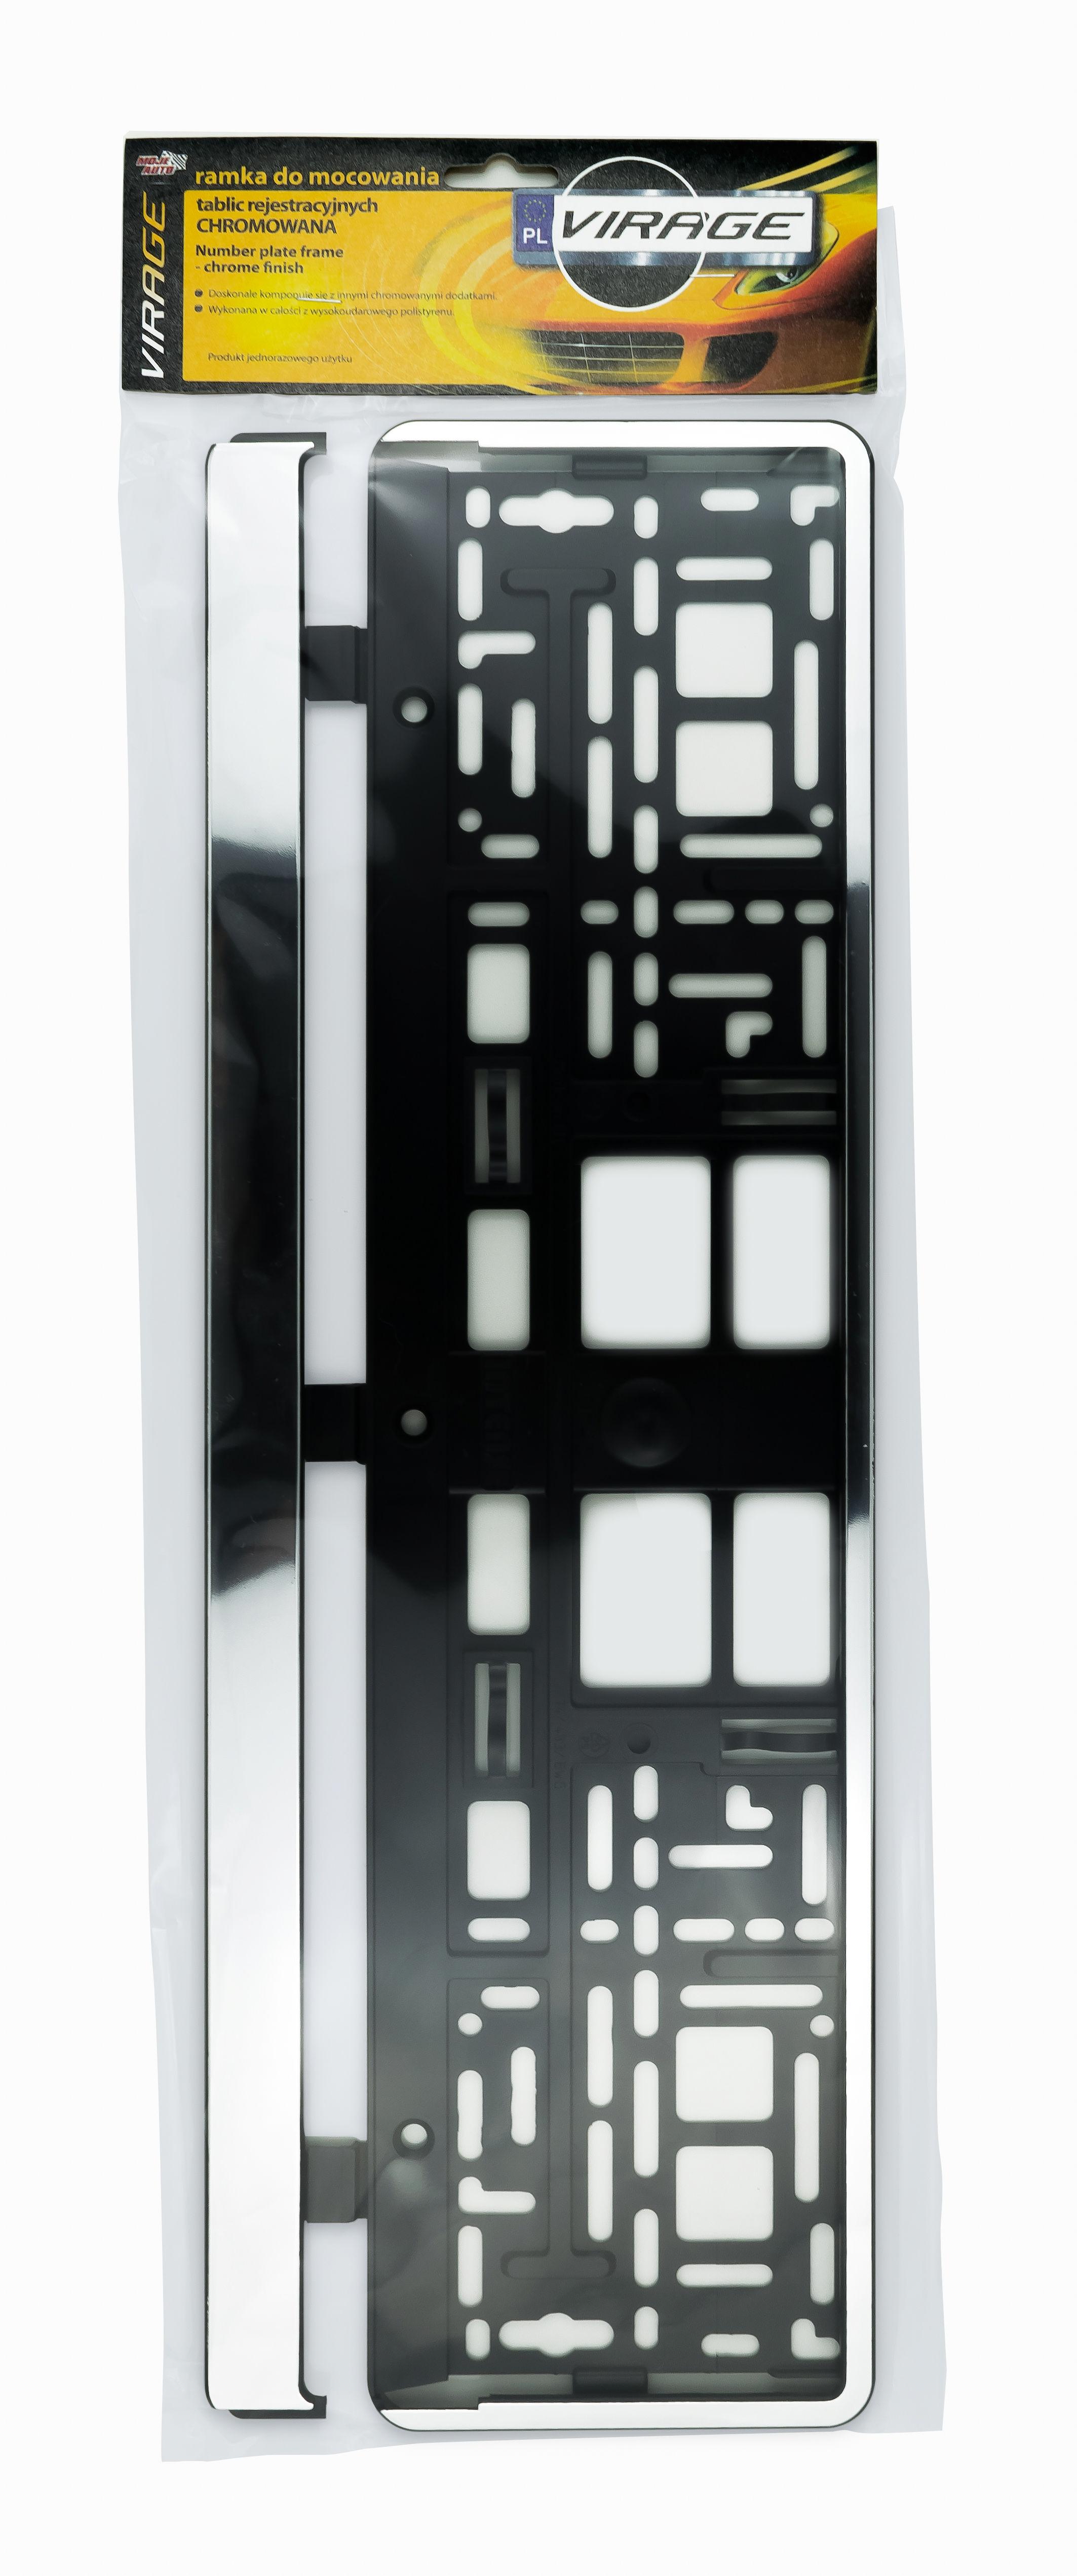 Moje Auto Virage Ramka do Mocowania Tablic Rejestracyjnych - chromowana 93-036